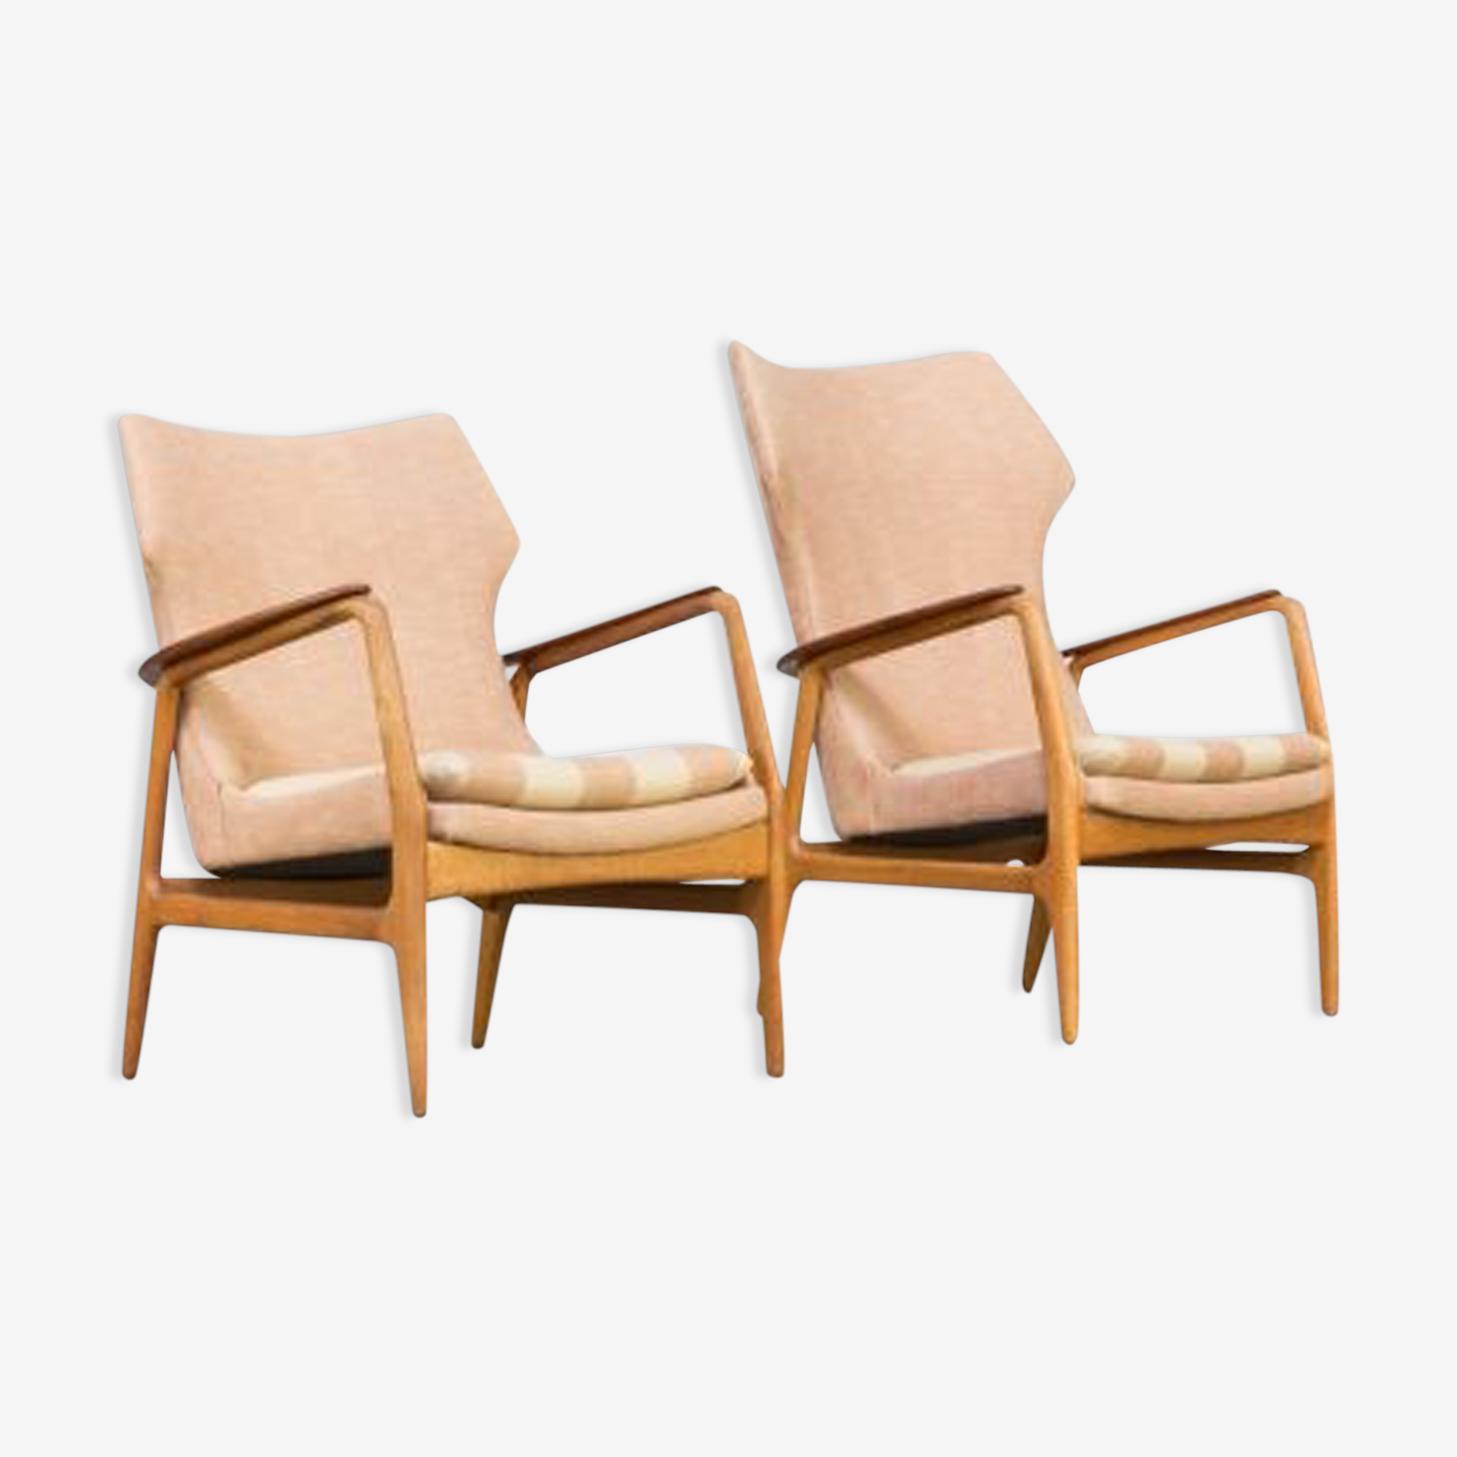 Paire de fauteuils Axel Bender Madsen des années 60 pour ensemble Bovenkamp